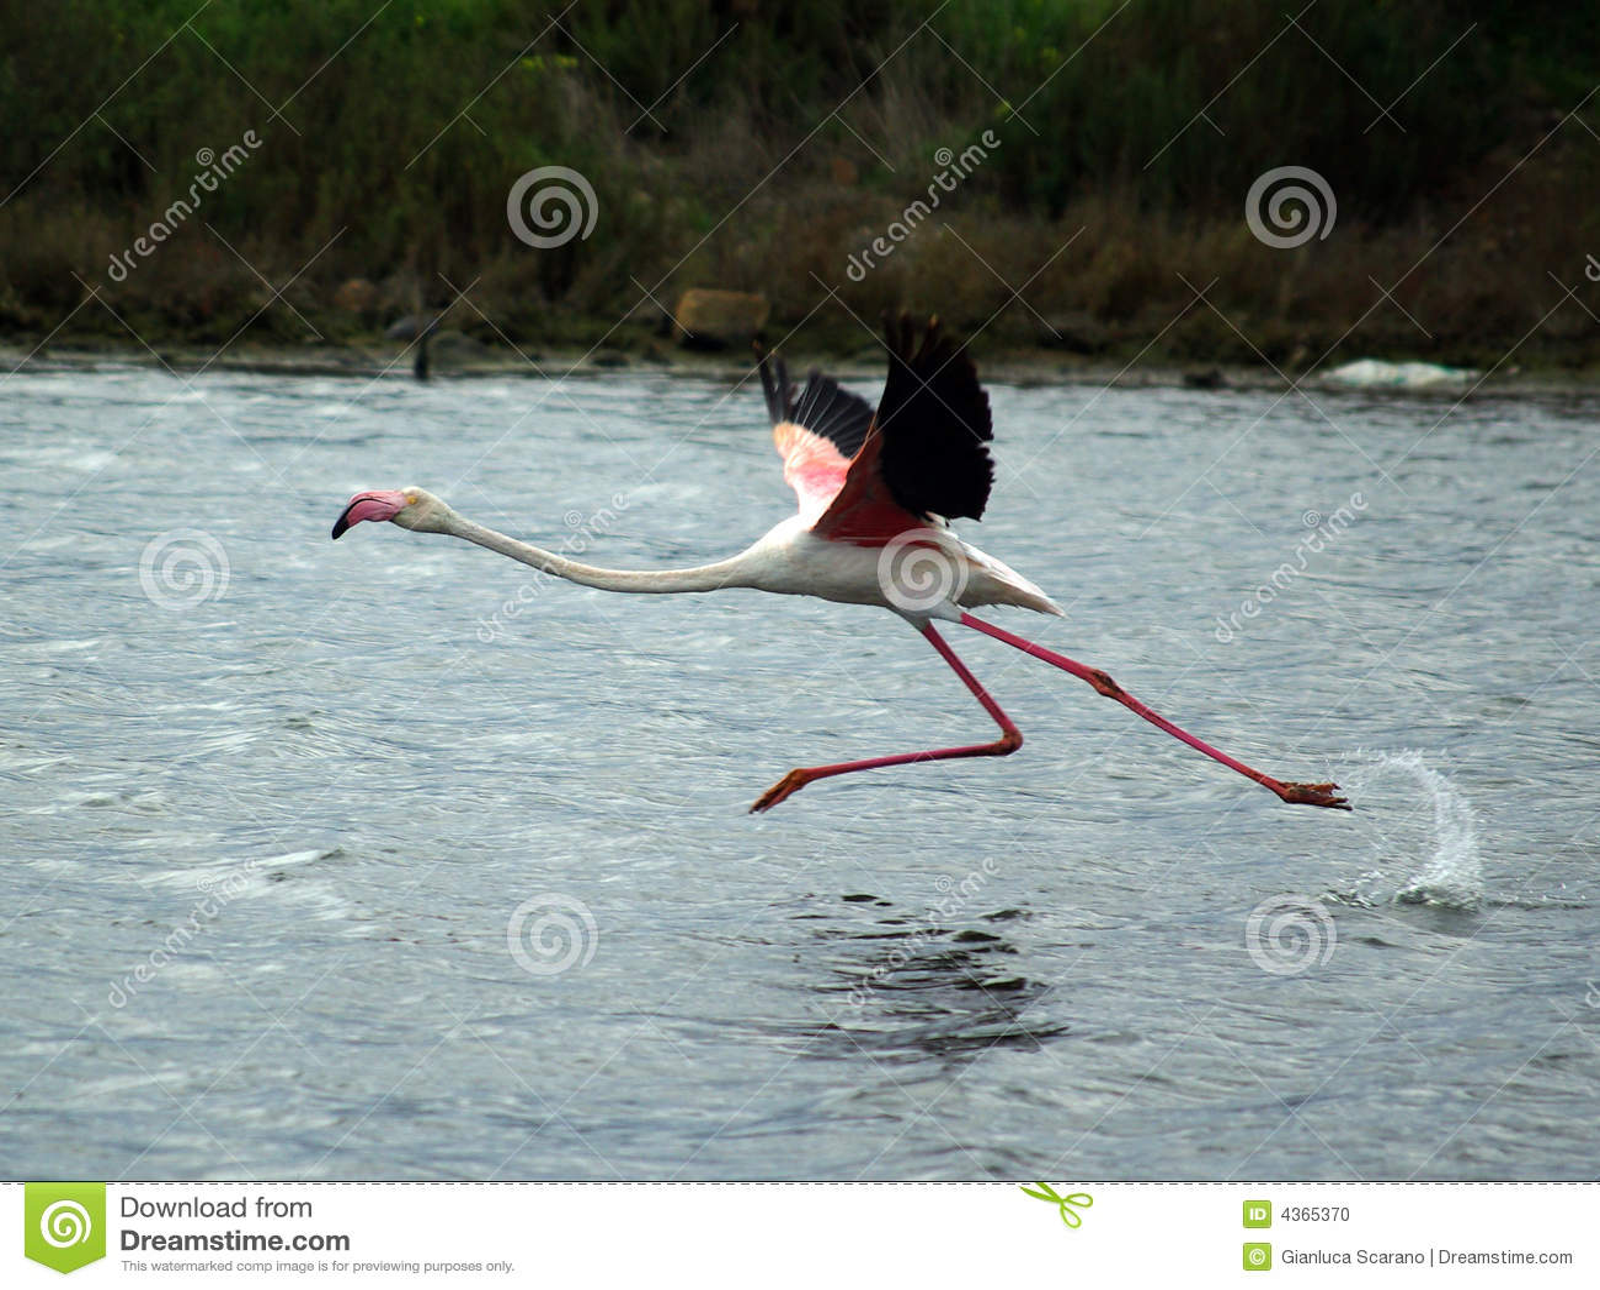 Flamingo ready to fly